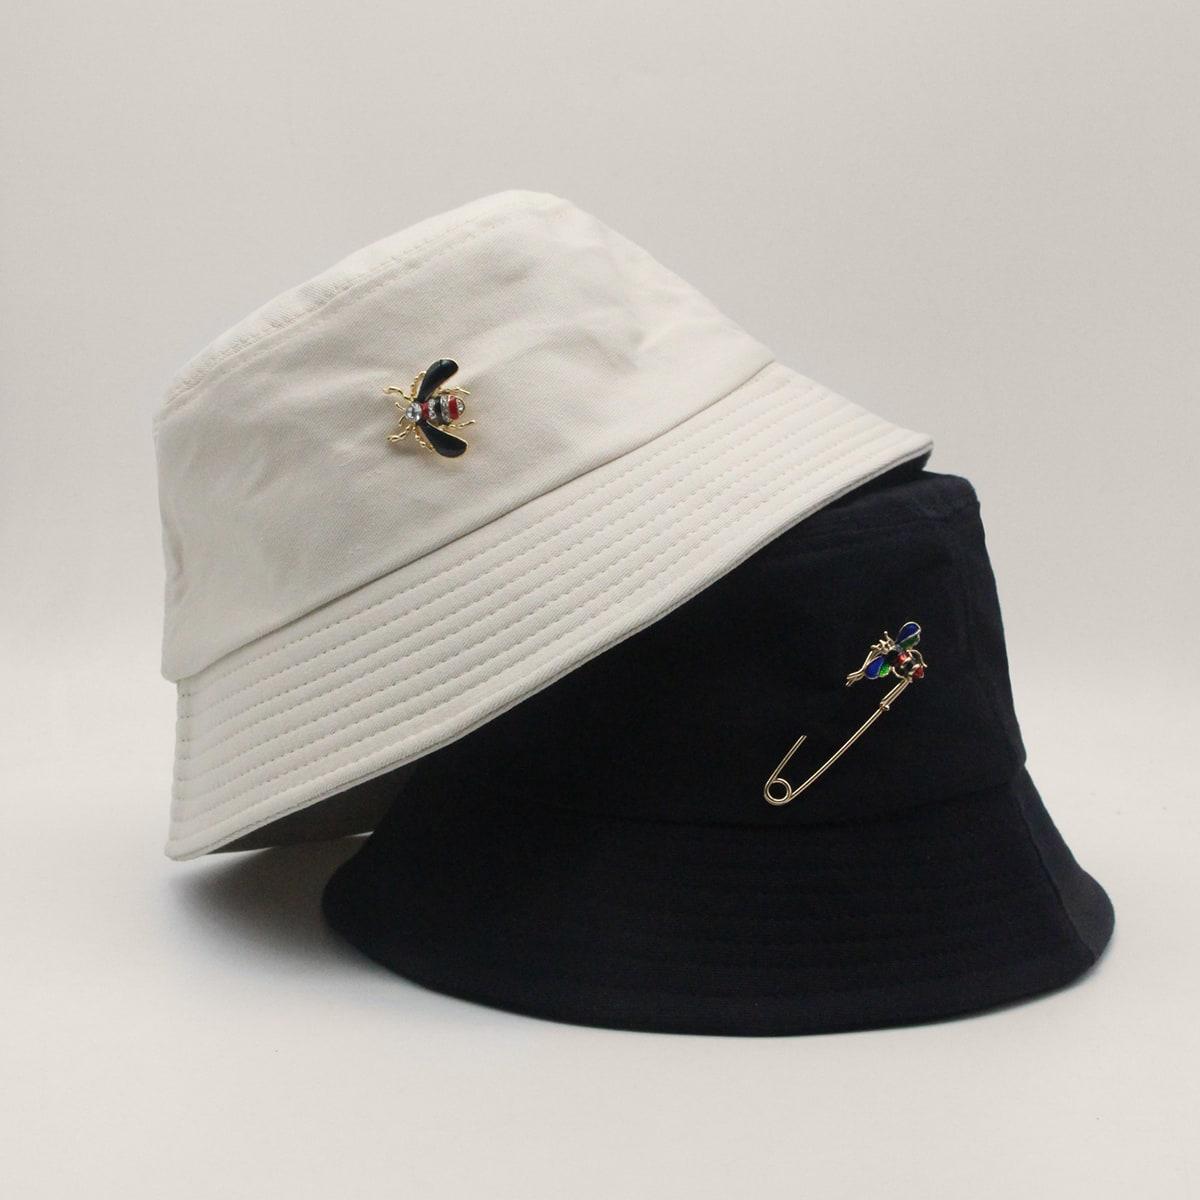 2шт шляпа с декором пчелки